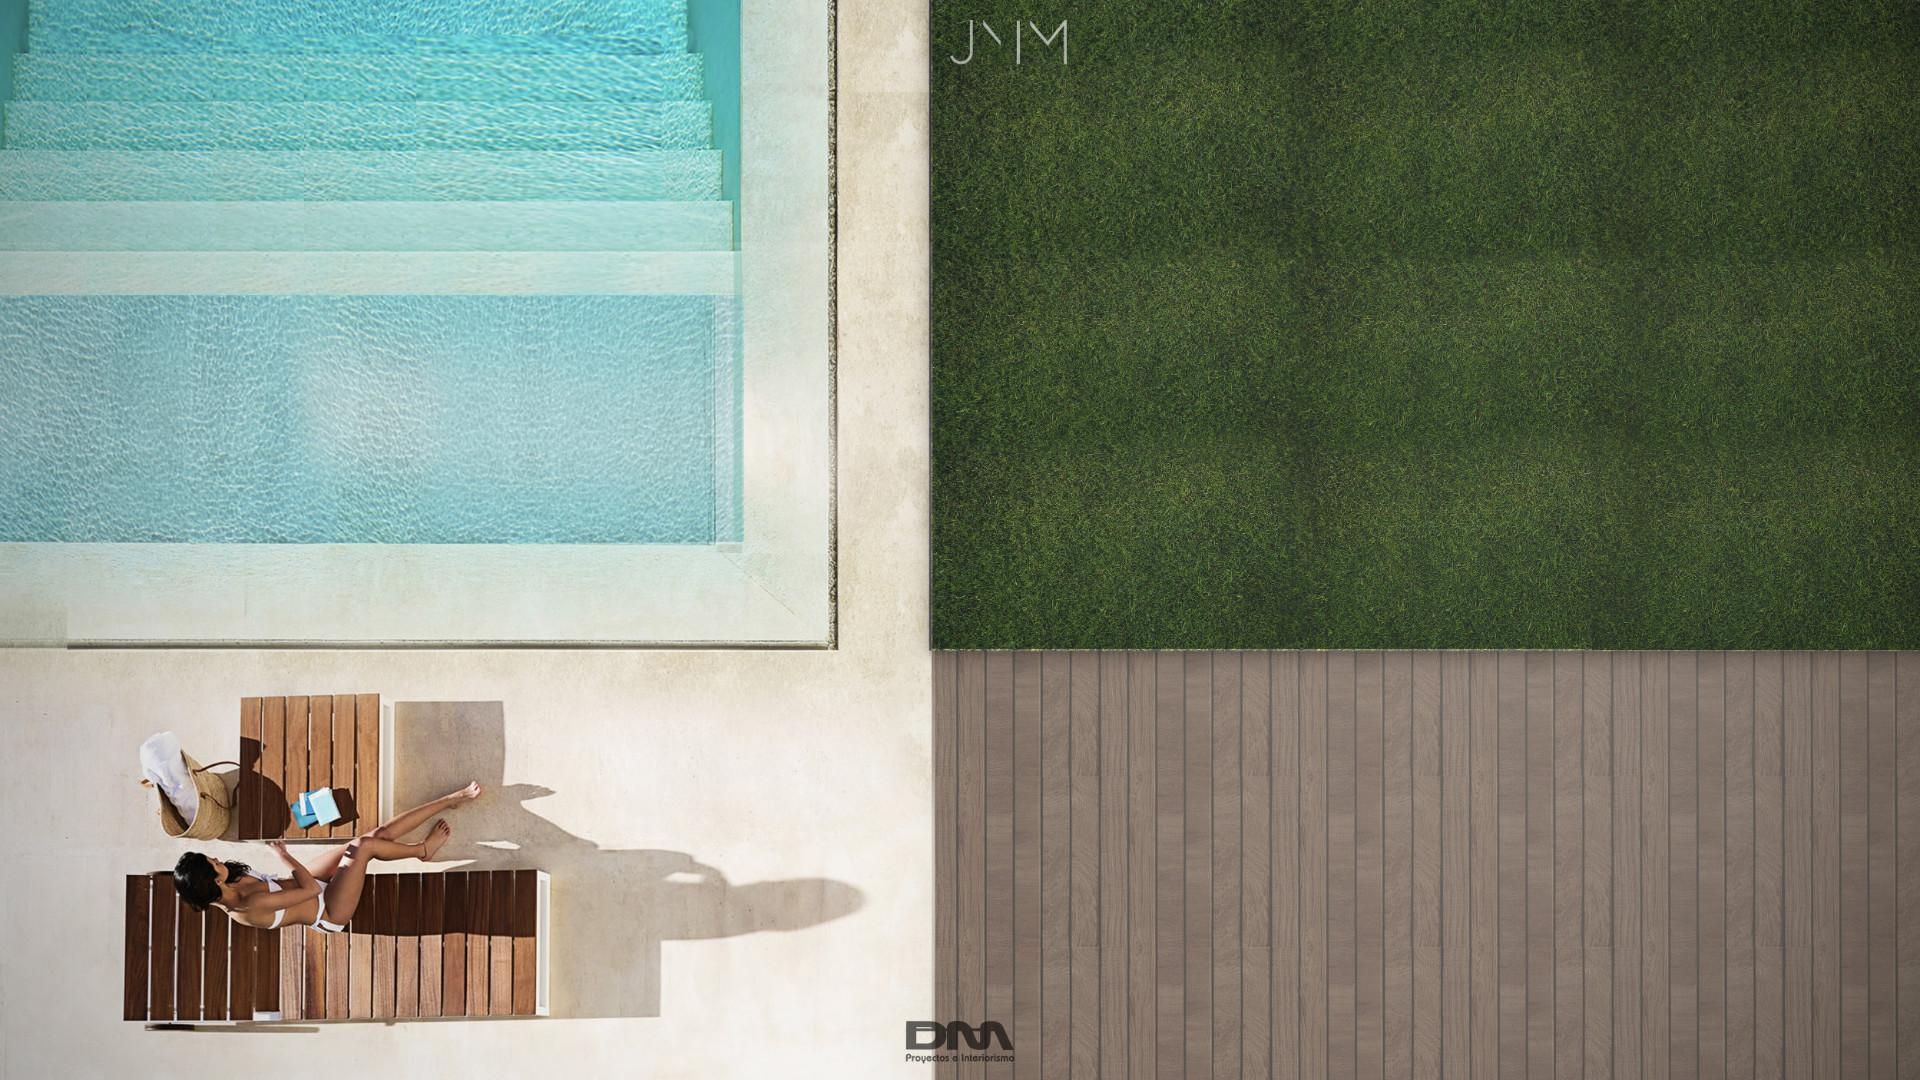 proyectos-interiorismo-interioristas-diseno-interiores-viviendas-particulares-chalets-adosados-lujo-28